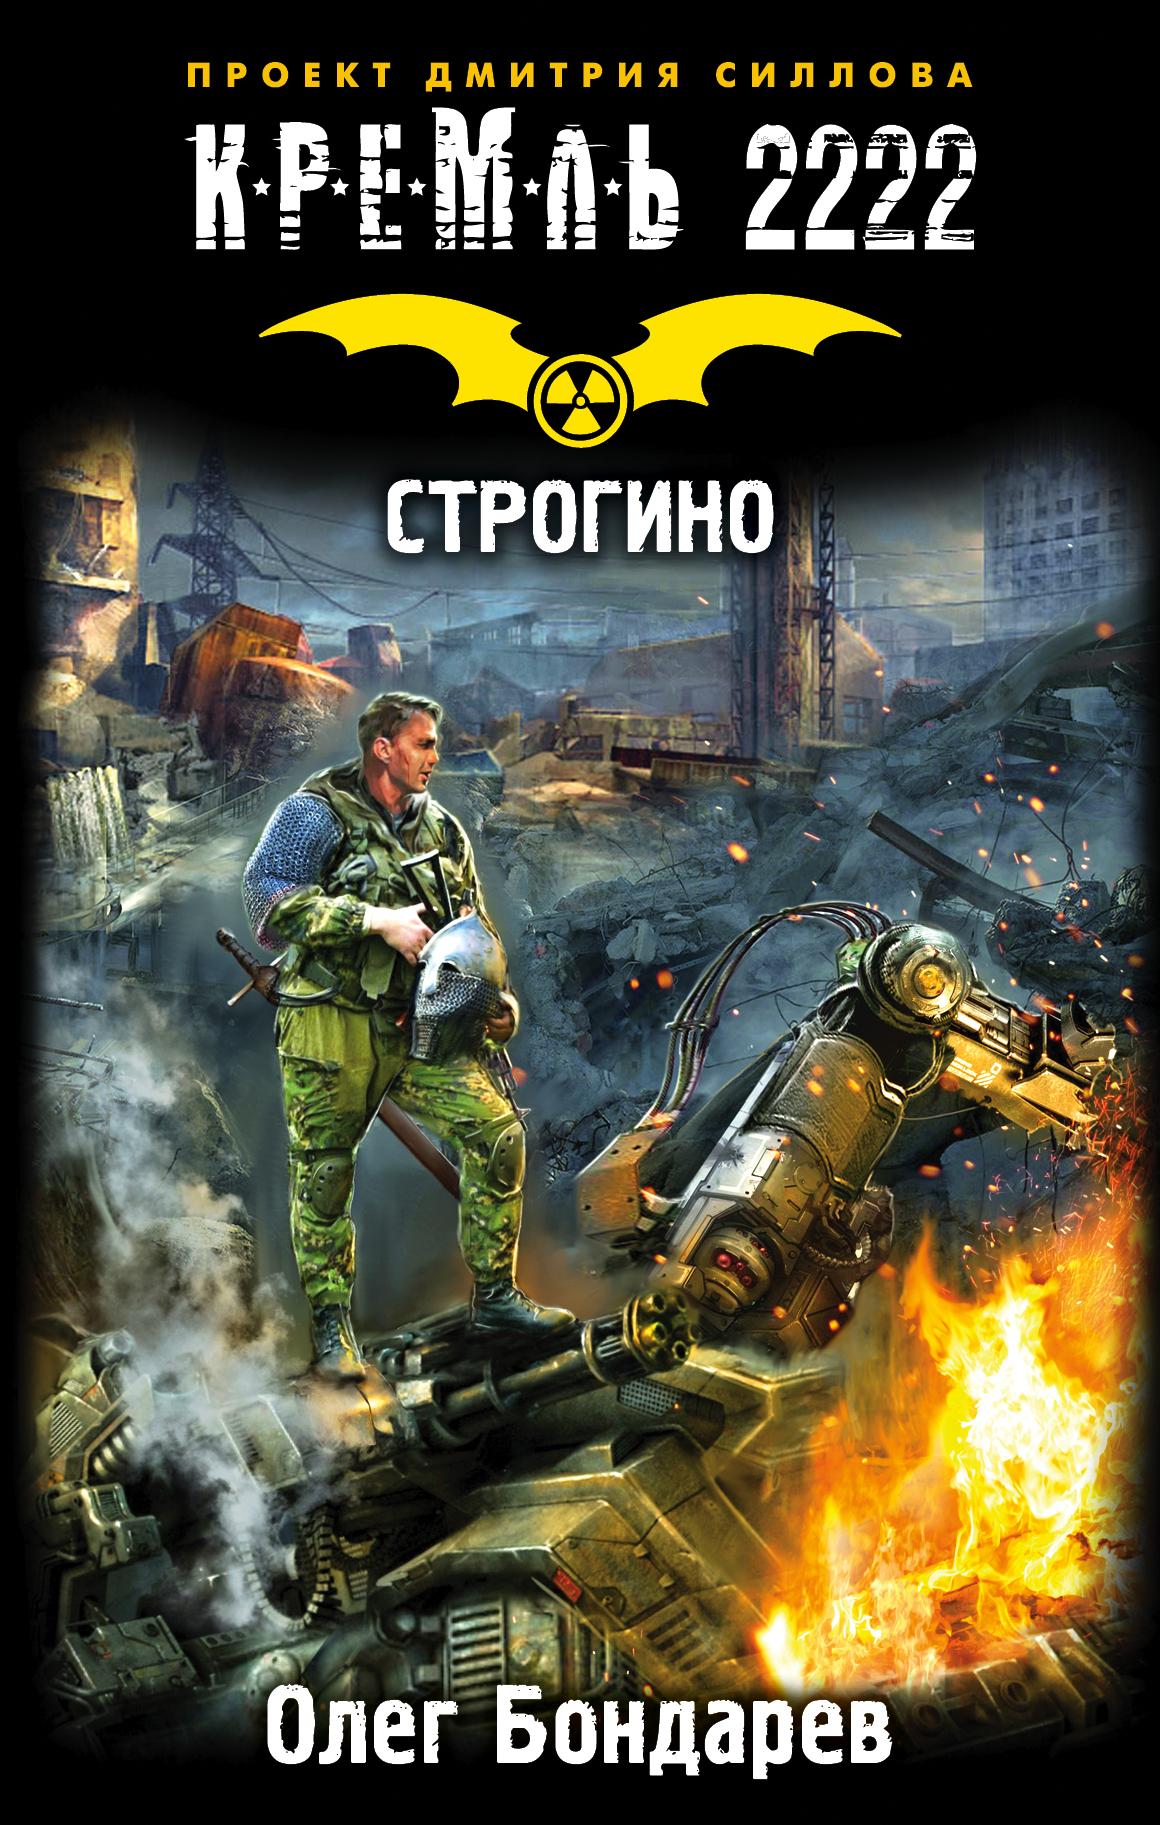 Бондарев О.А. Кремль 2222. Строгино игорь ваганов сталинград– от